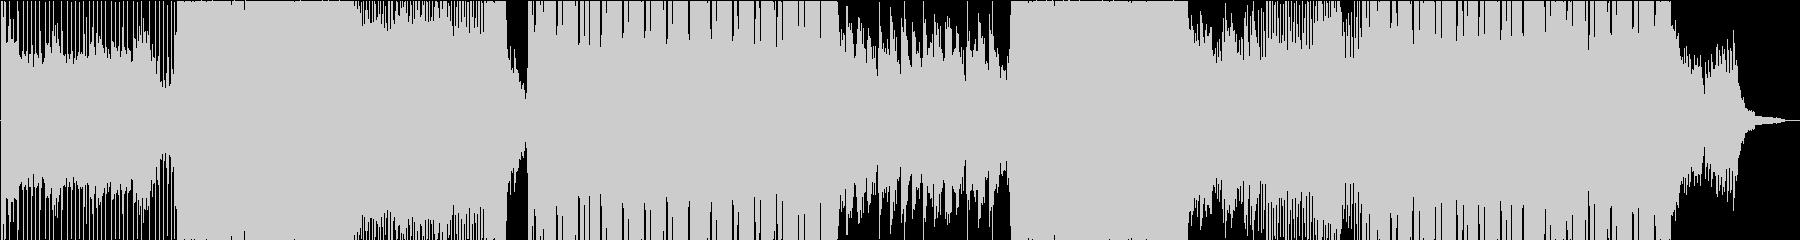 水彩メリーゴーランド/インストの未再生の波形